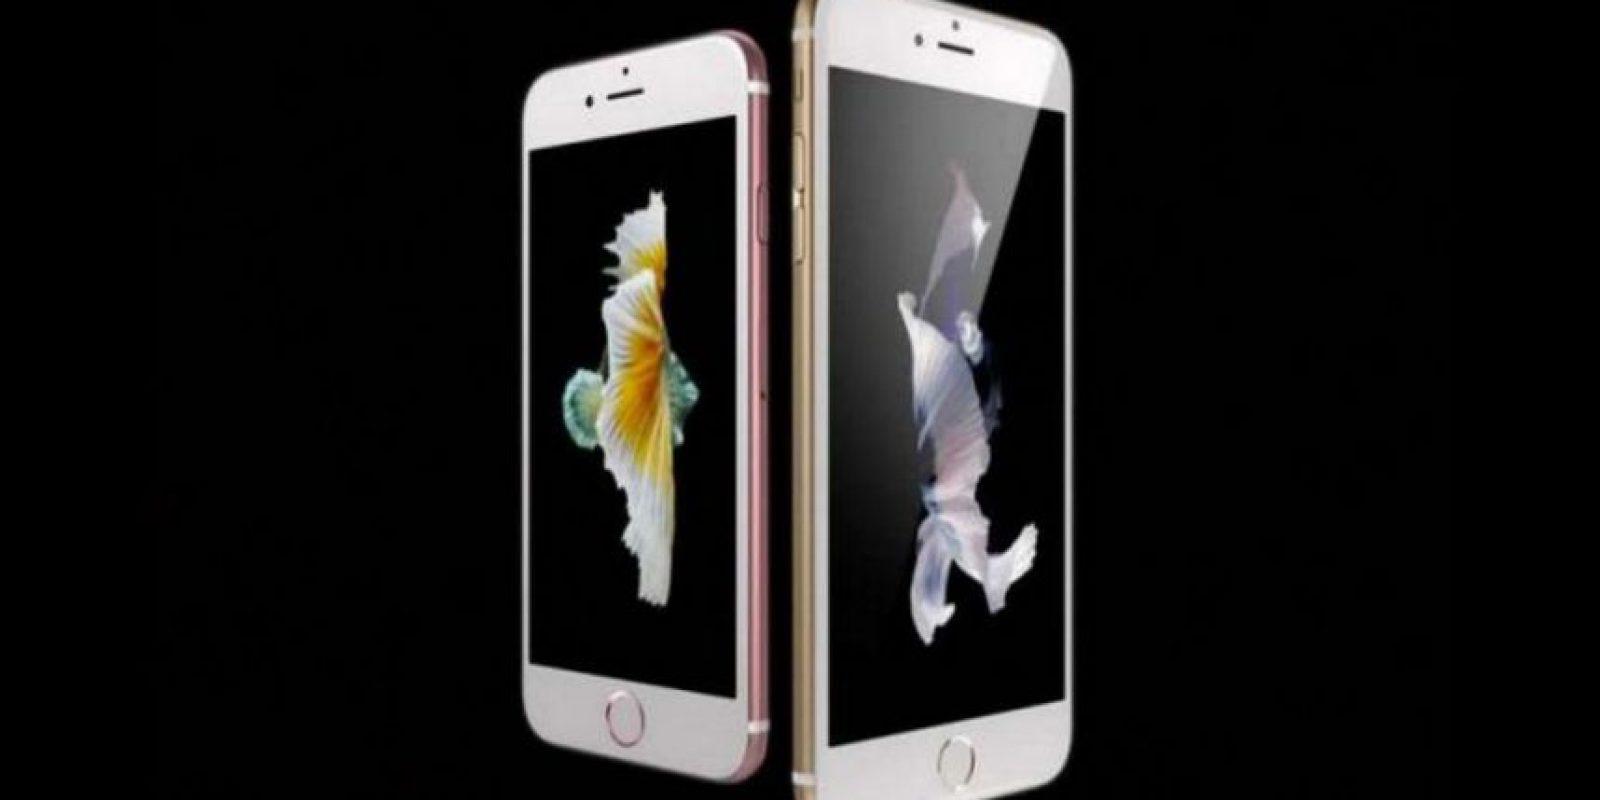 El iPhone ha sufrido una gran cantidad de cambios a lo largo de los años. Foto:Apple